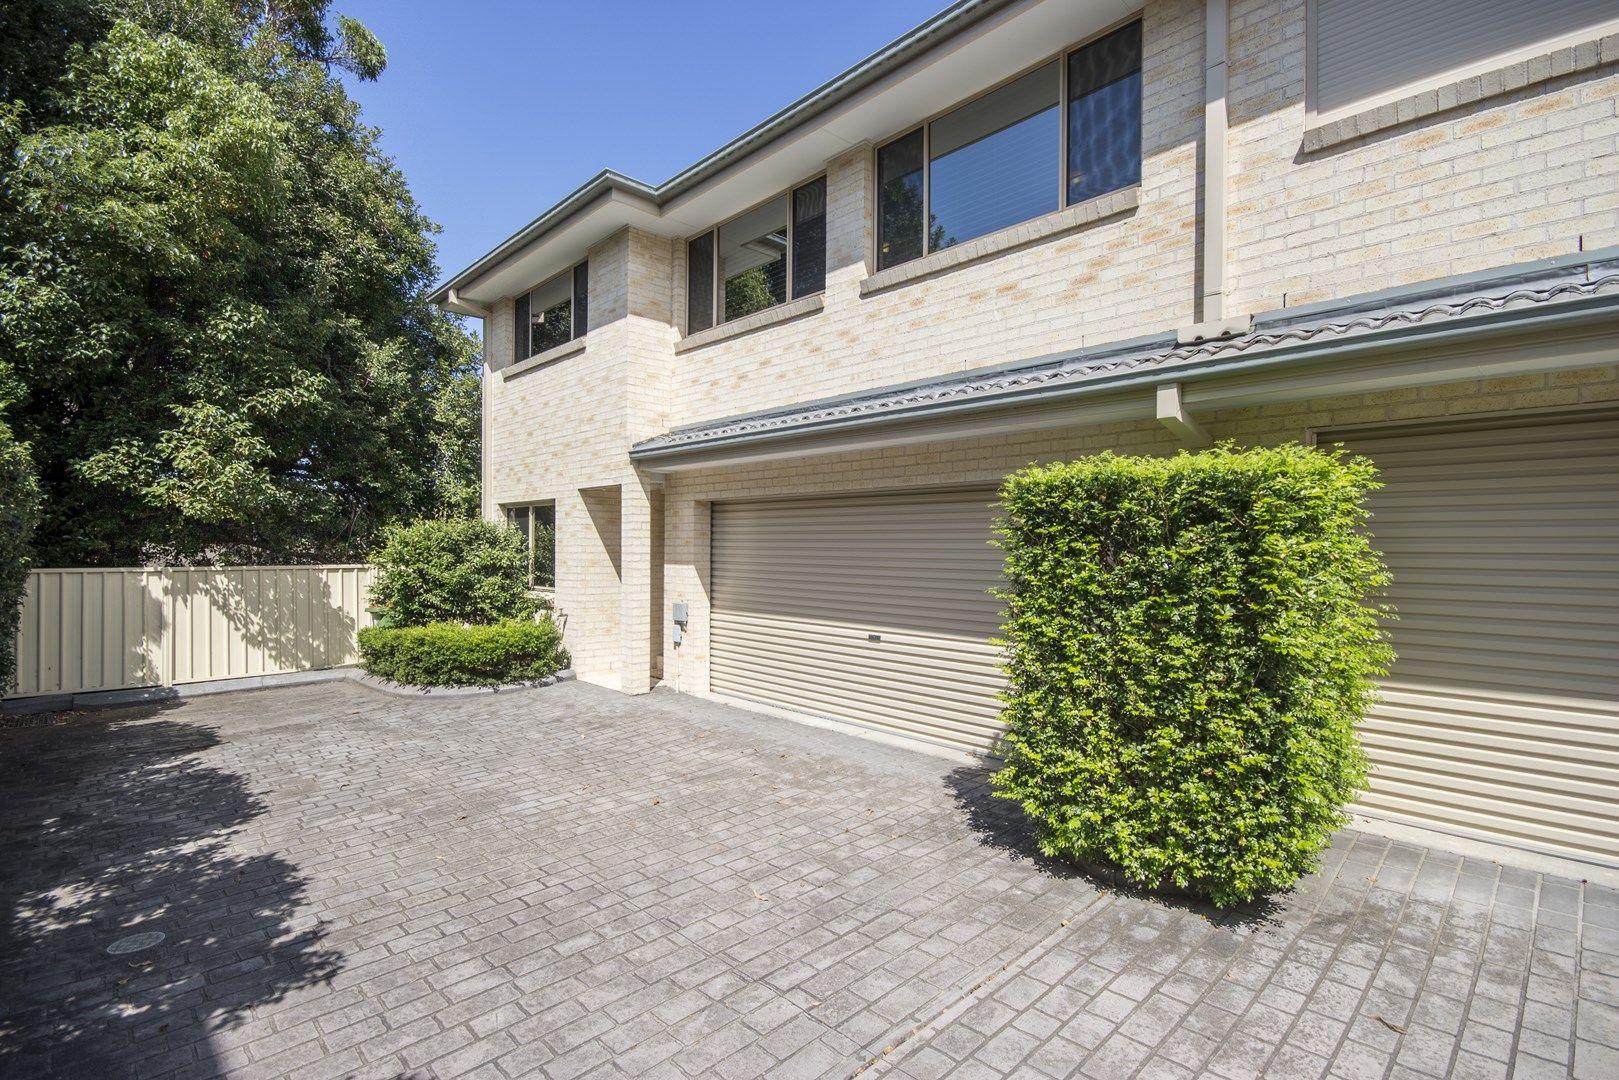 4/21 Wattle Street, East Gosford NSW 2250, Image 1